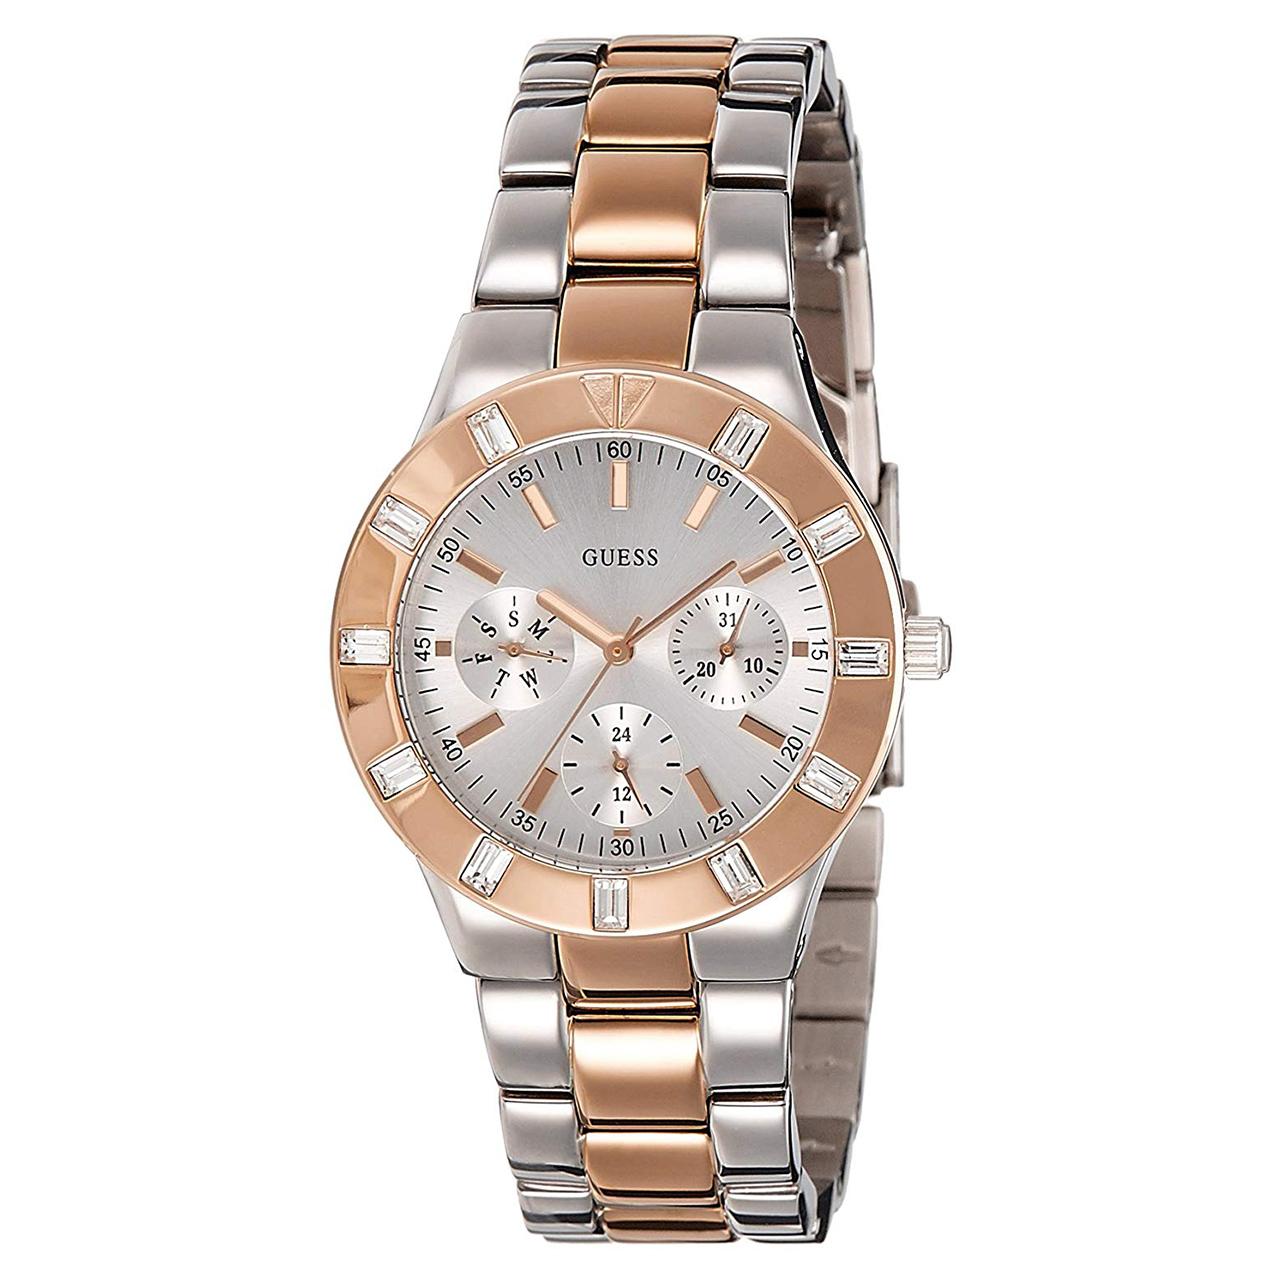 خرید ساعت مچی عقربه ای زنانه گس مدل W14551L1